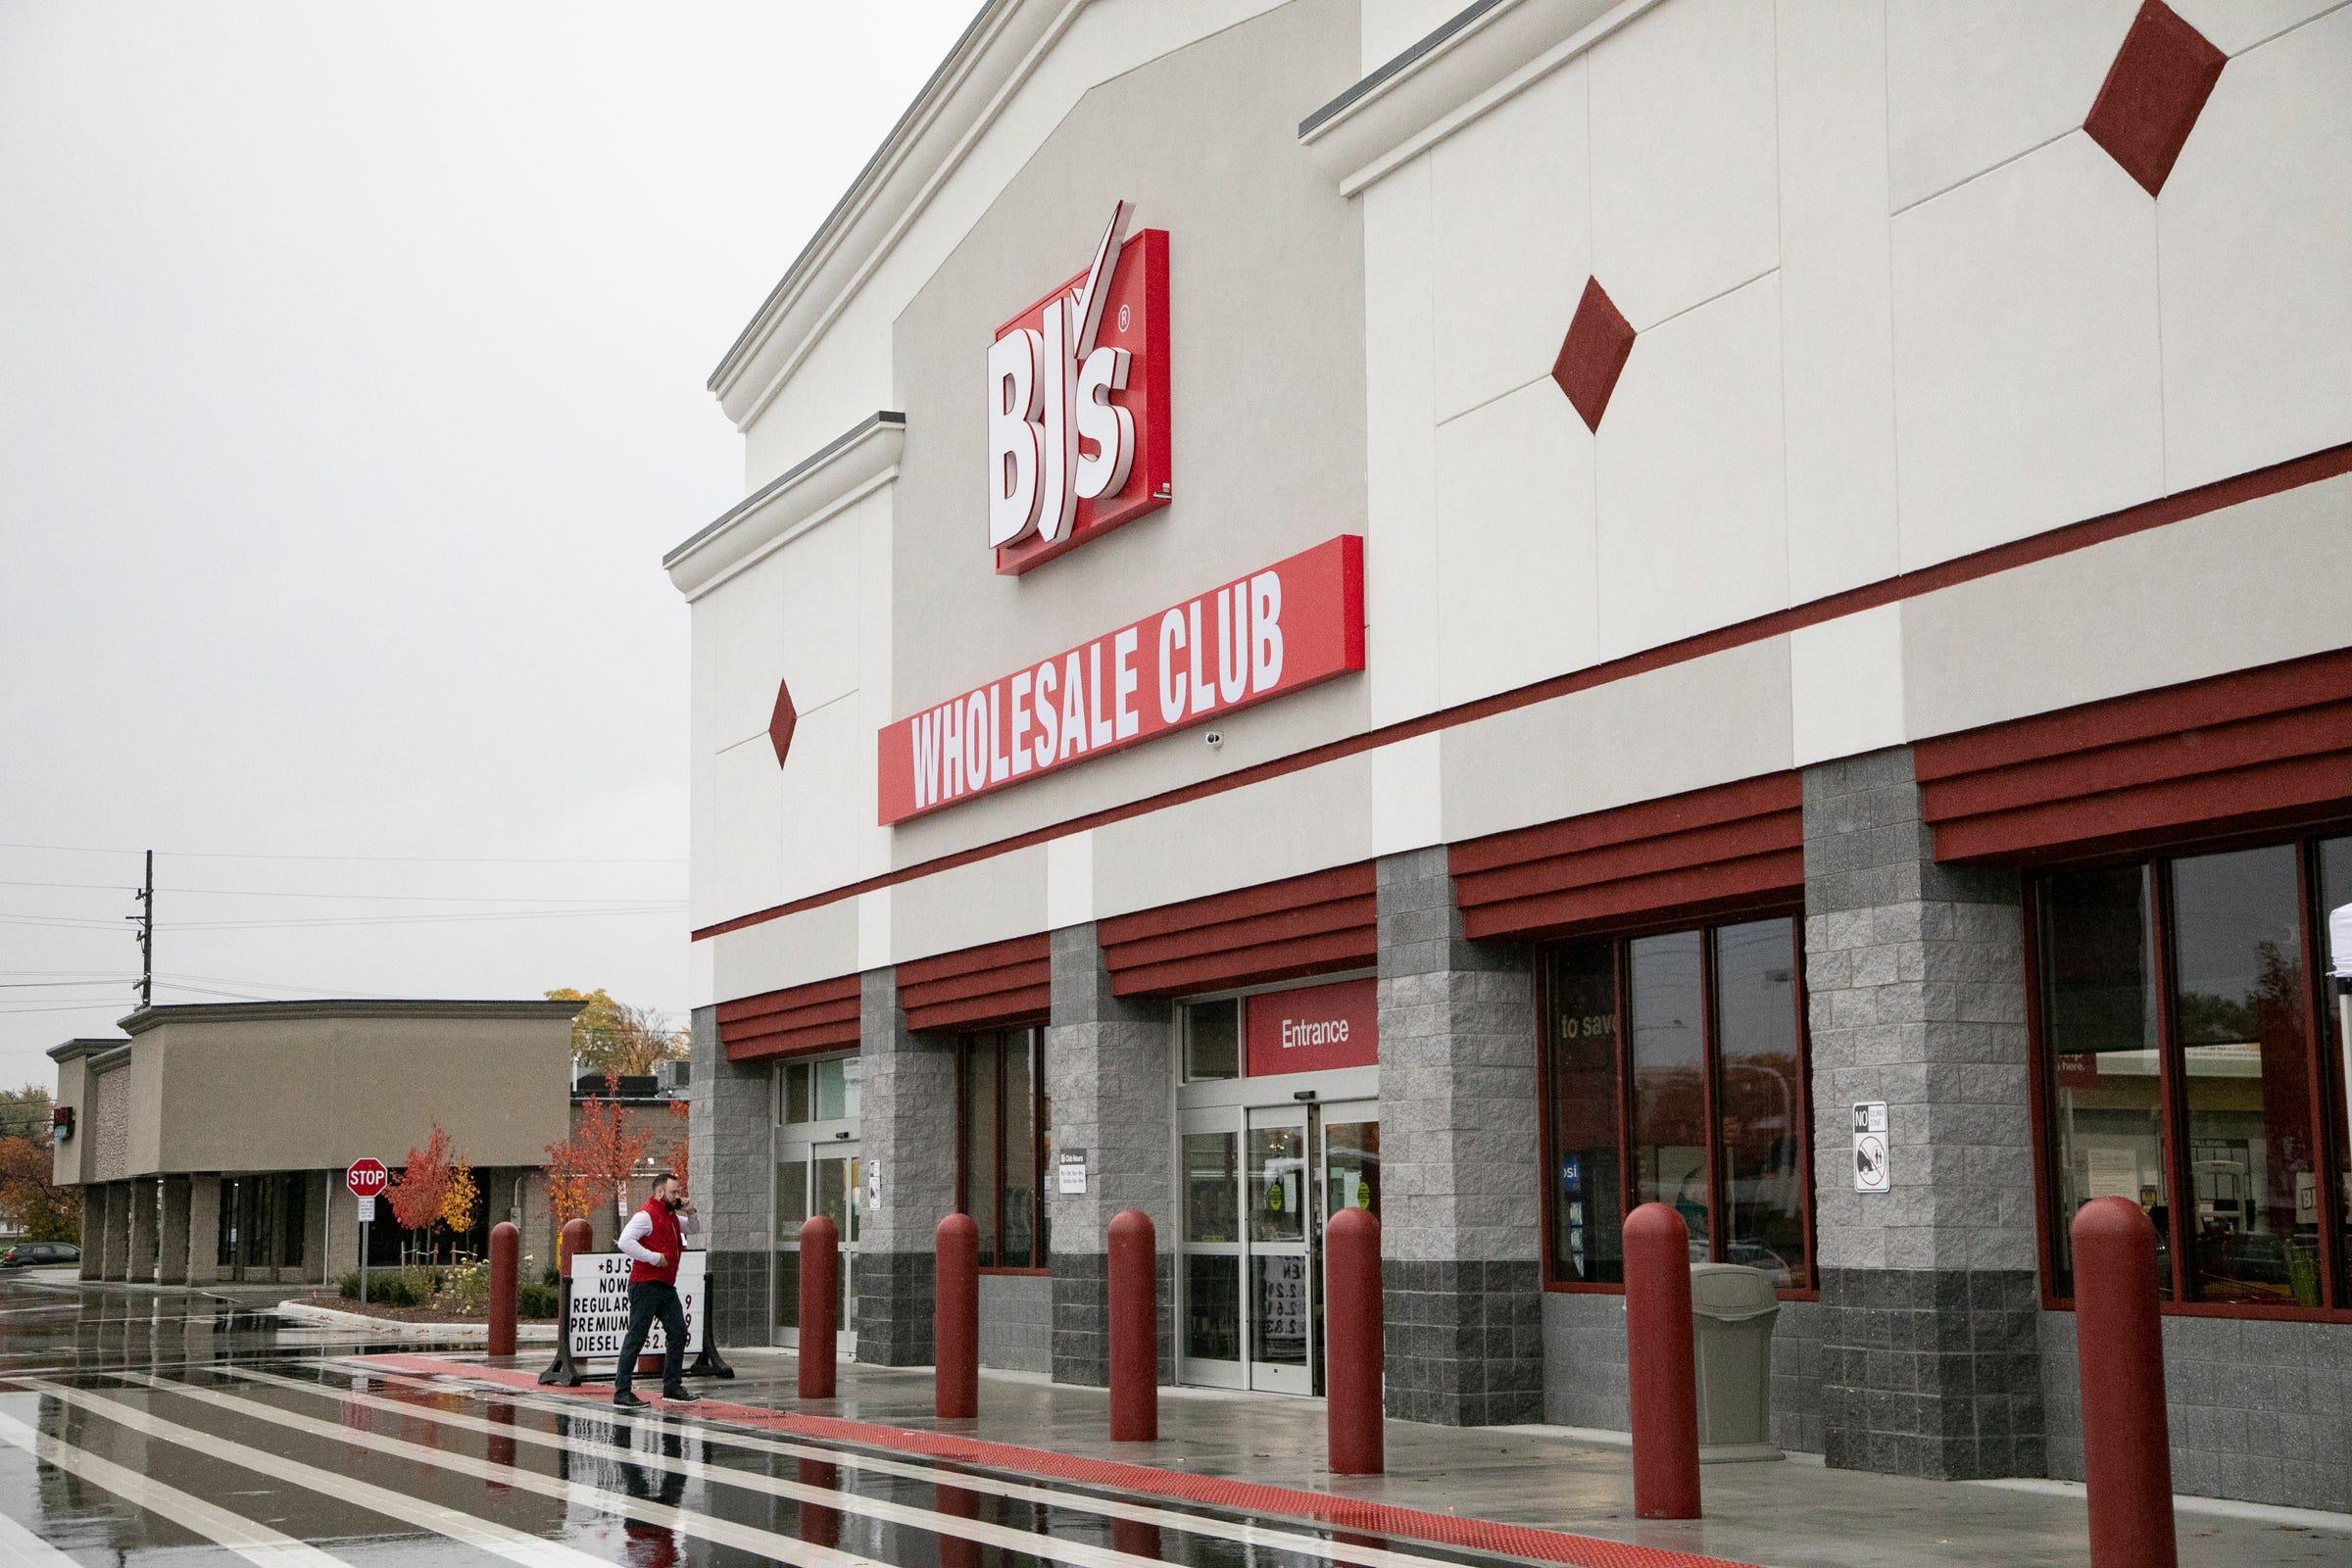 BJ's Wholesale Club CEO Lee Delaney died unexpectedly; Bob Eddy named interim CEO